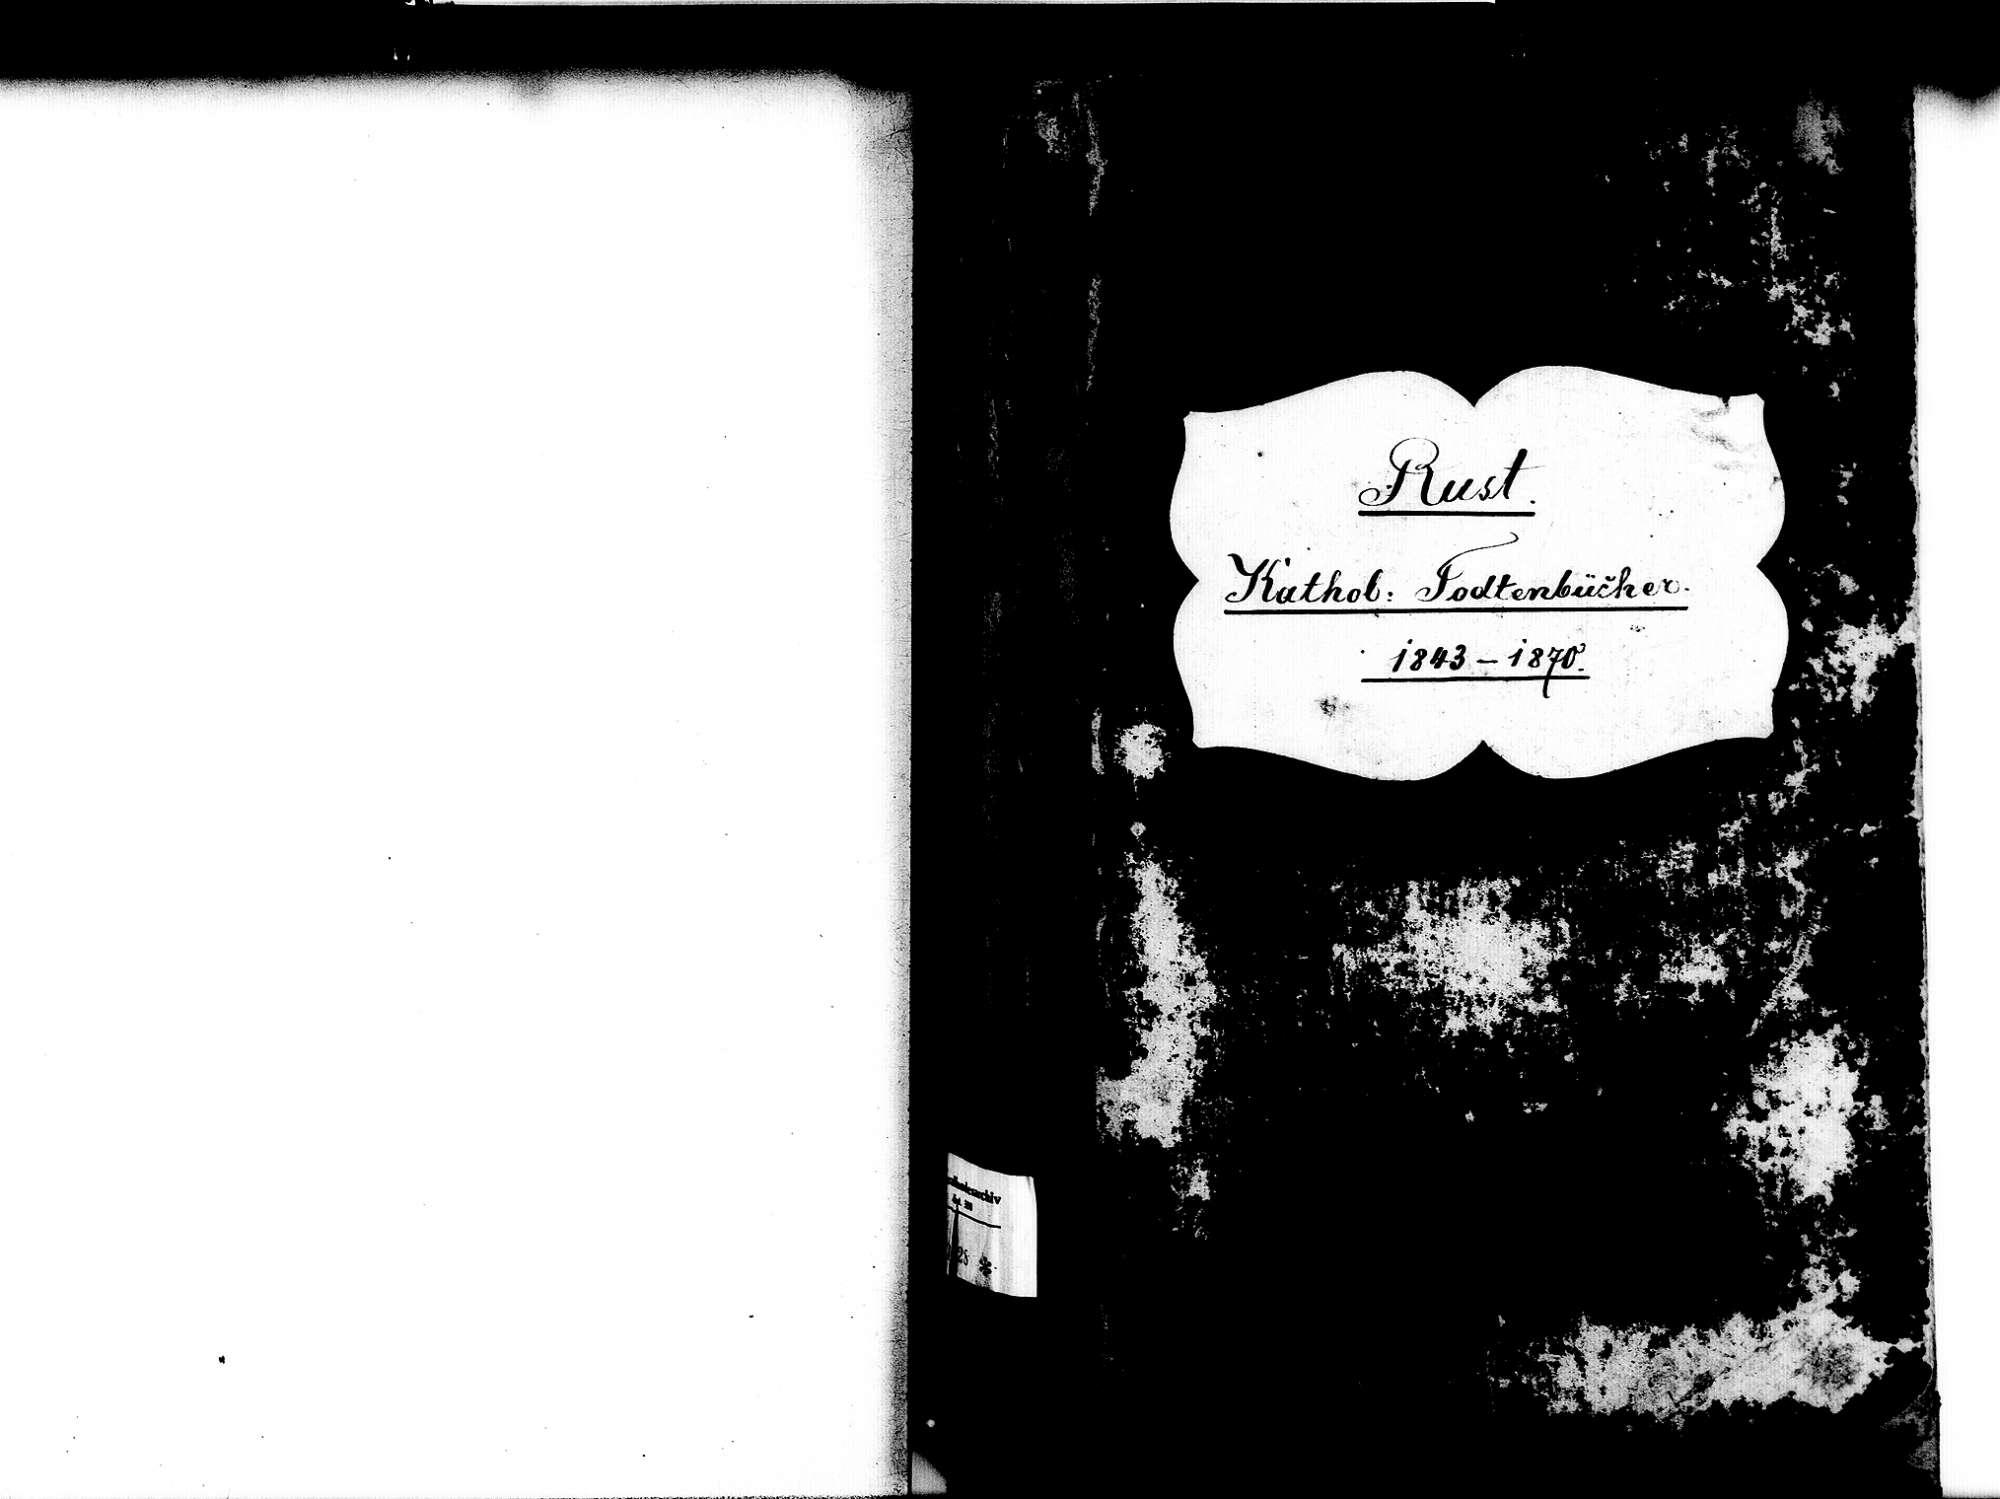 Rust OG; Katholische Gemeinde: Sterbebuch 1843-1870, Bild 2